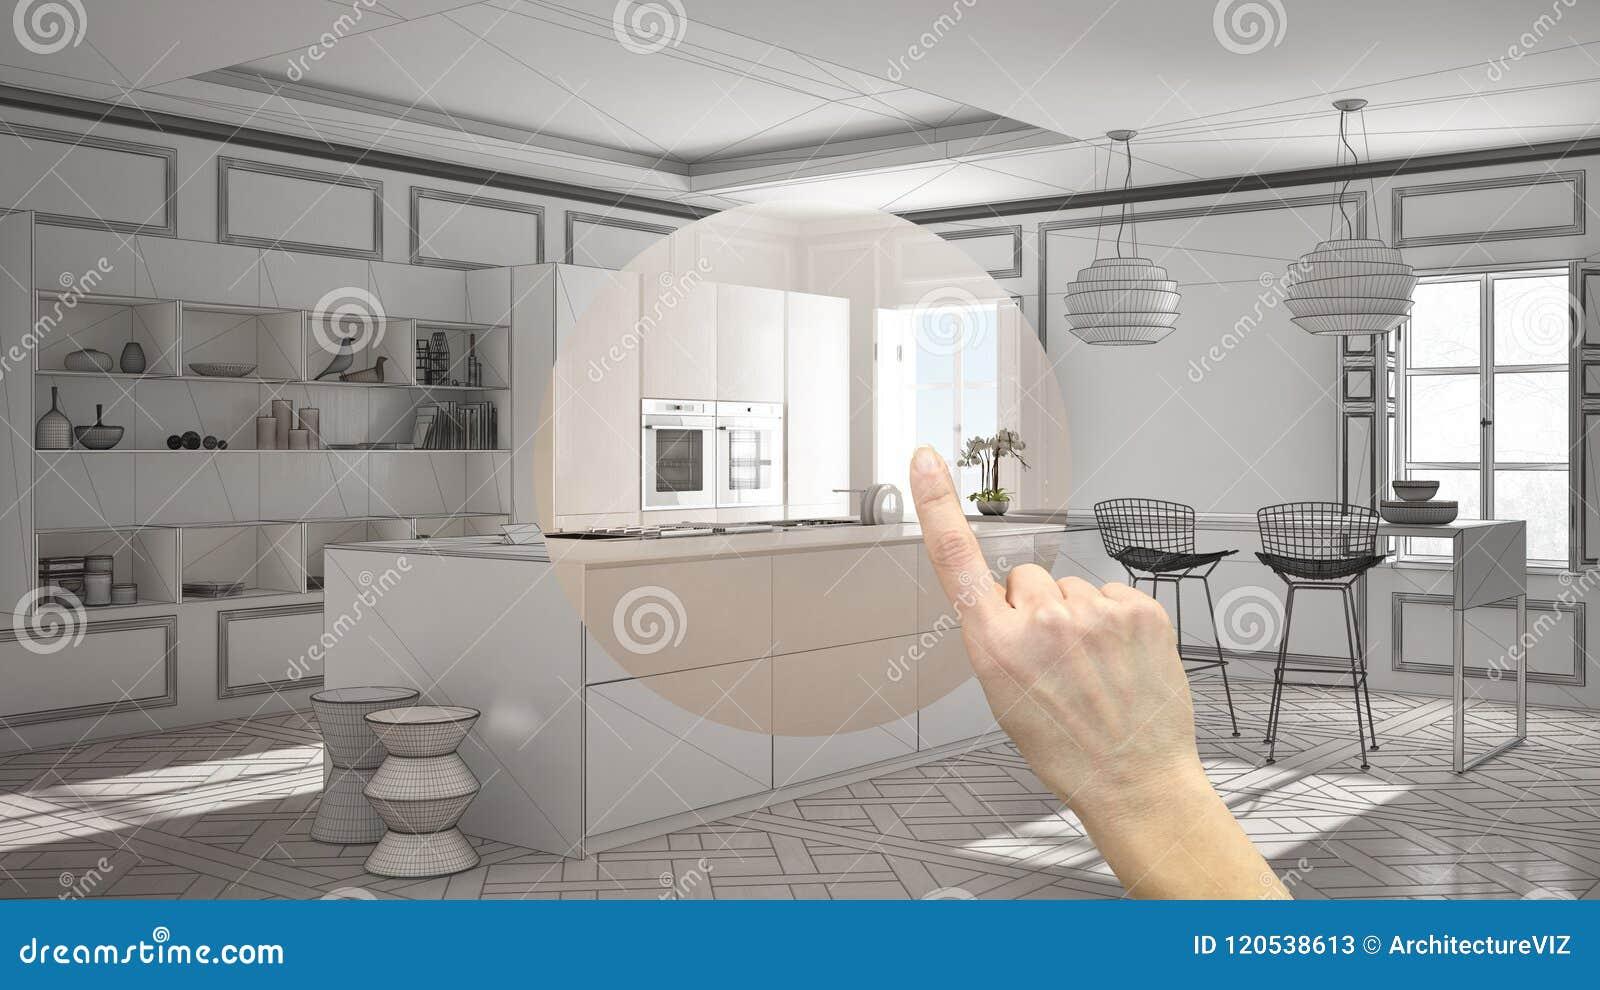 递指向室内设计项目,家庭项目细节,决定装备或改造概念的房间,现代厨房